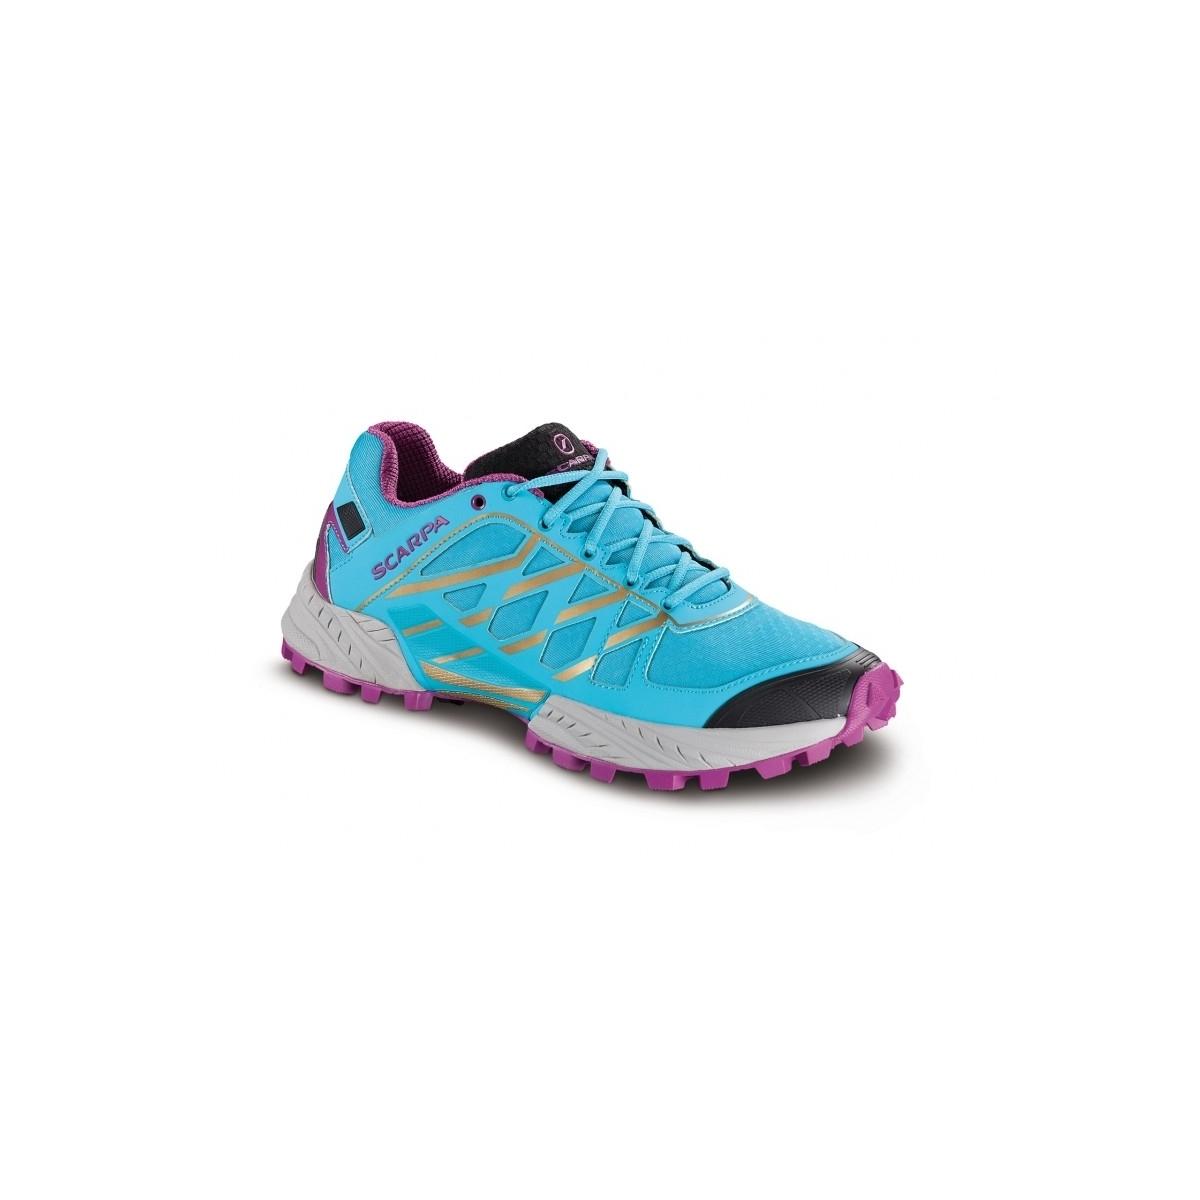 date de sortie couleurs délicates beaucoup de styles Chaussures De Trail Scarpa Neutron Atoll